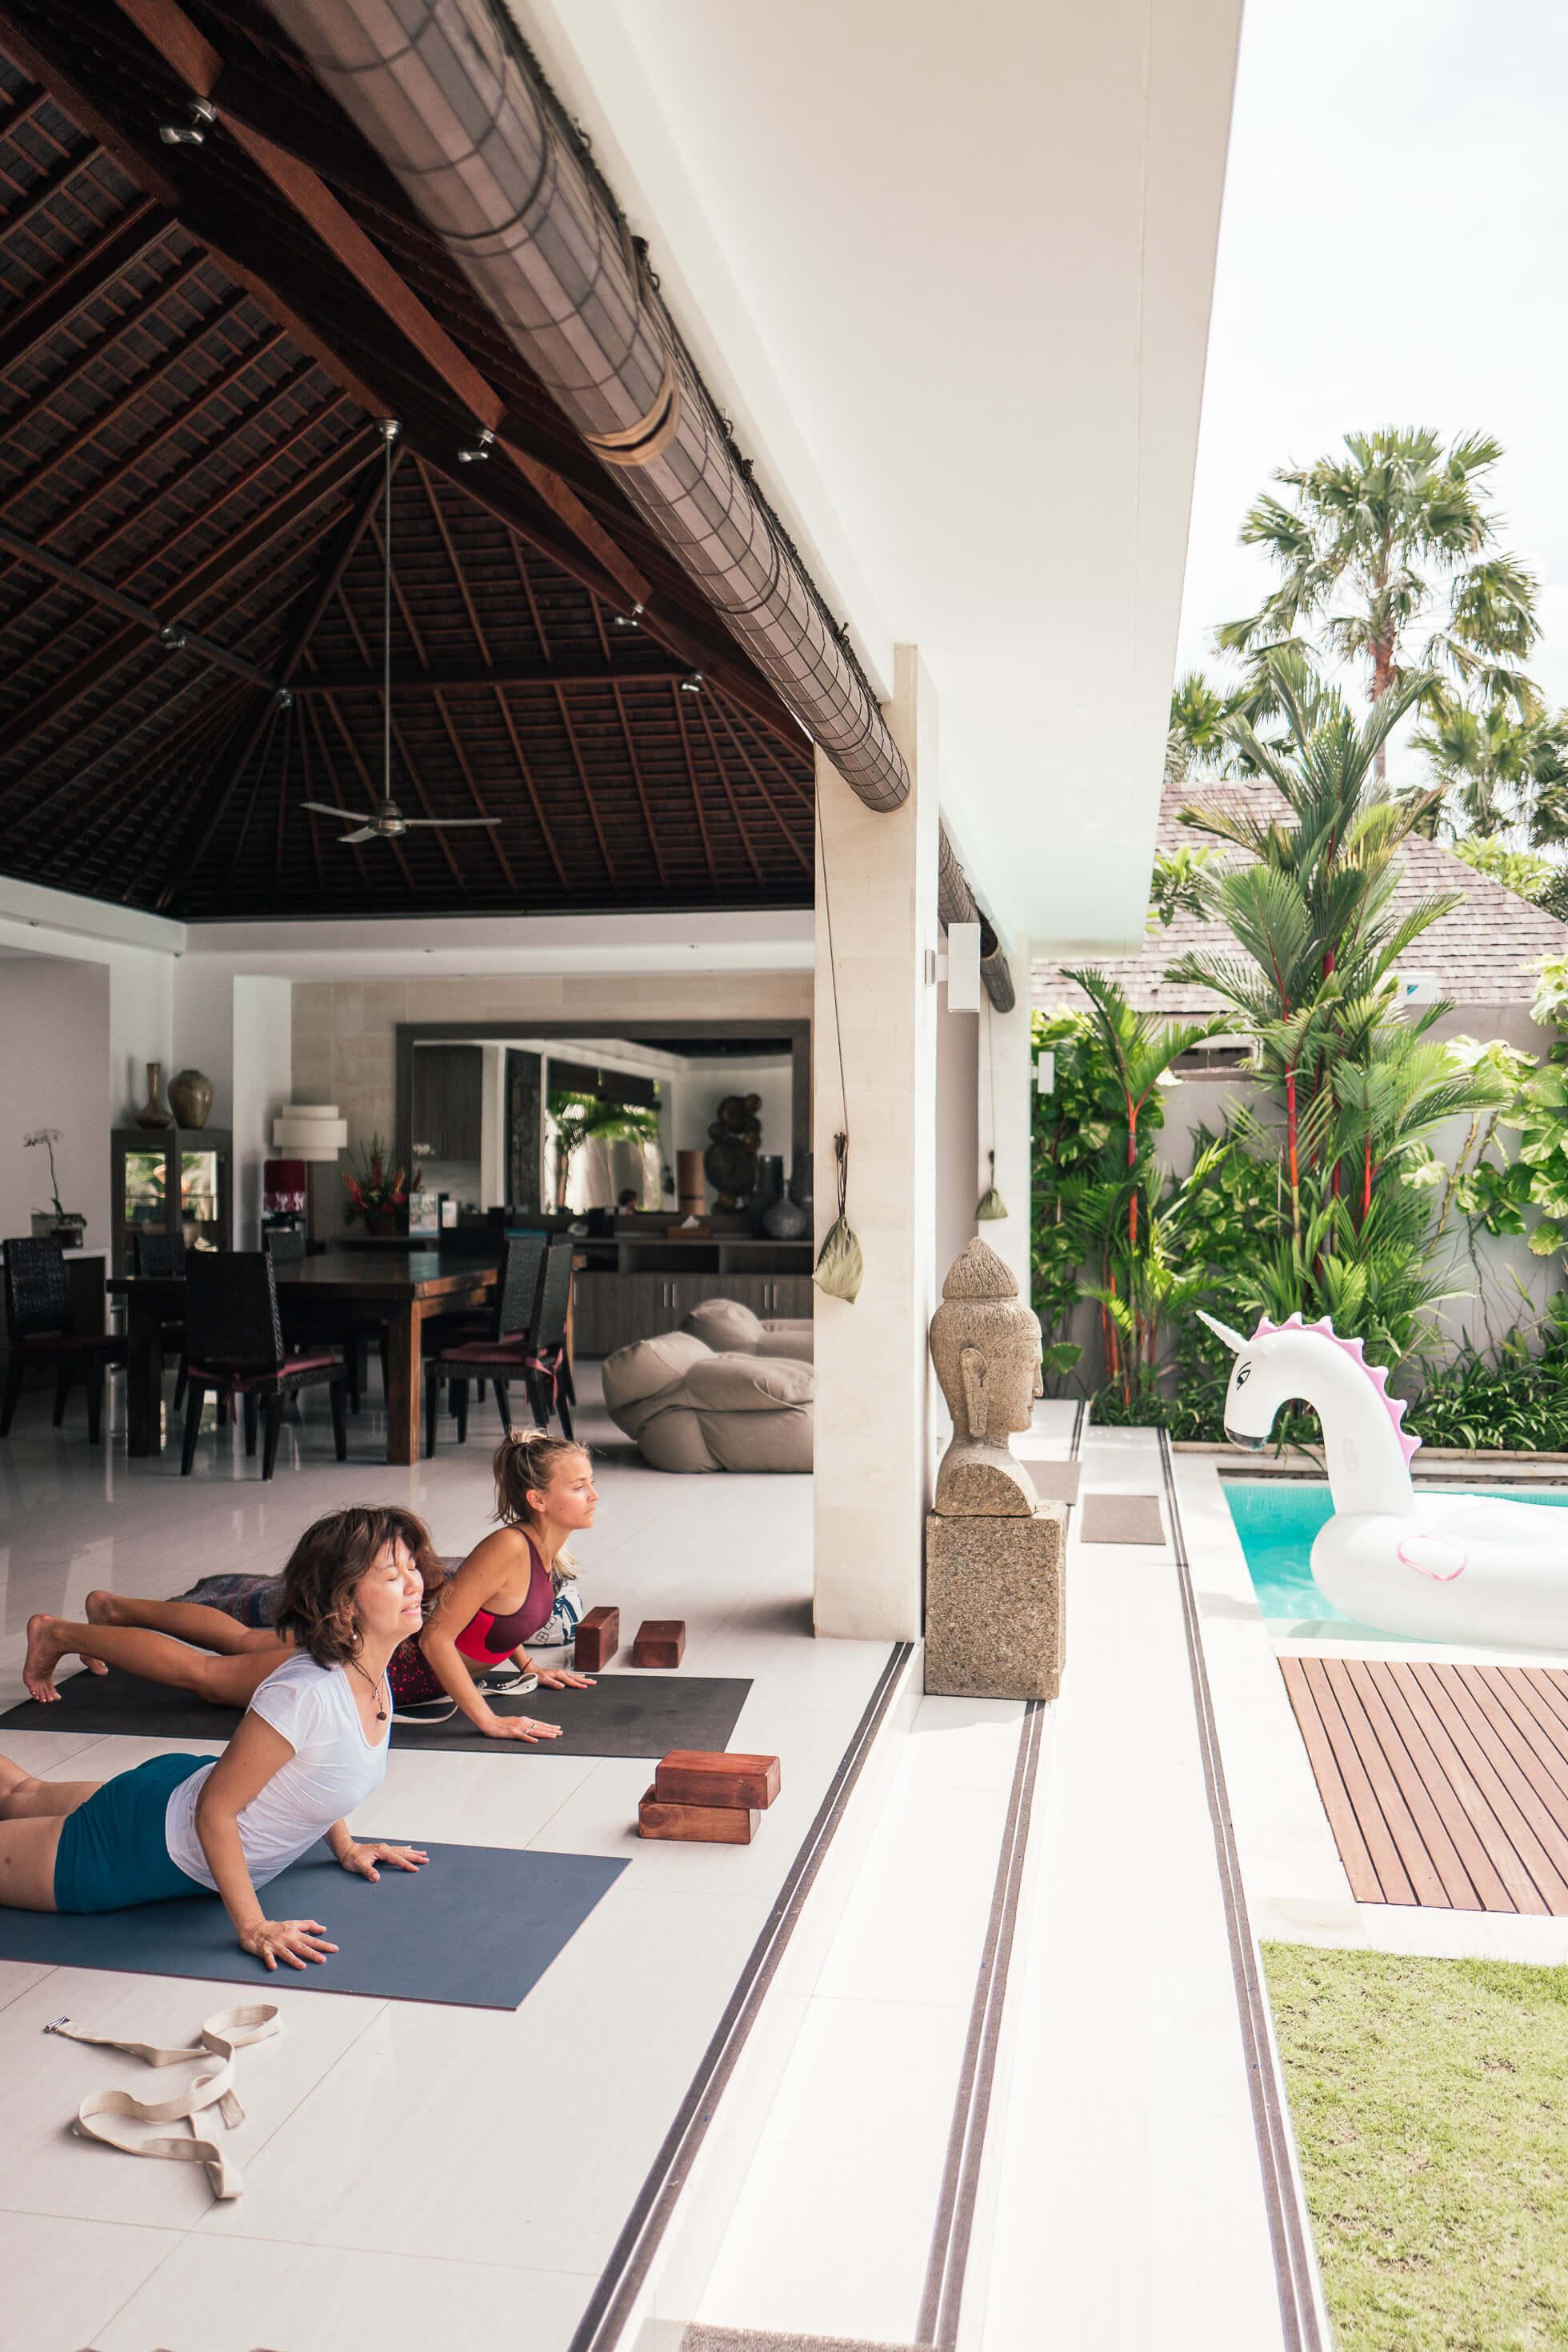 janni-deler-morning-yoga-balil1180612